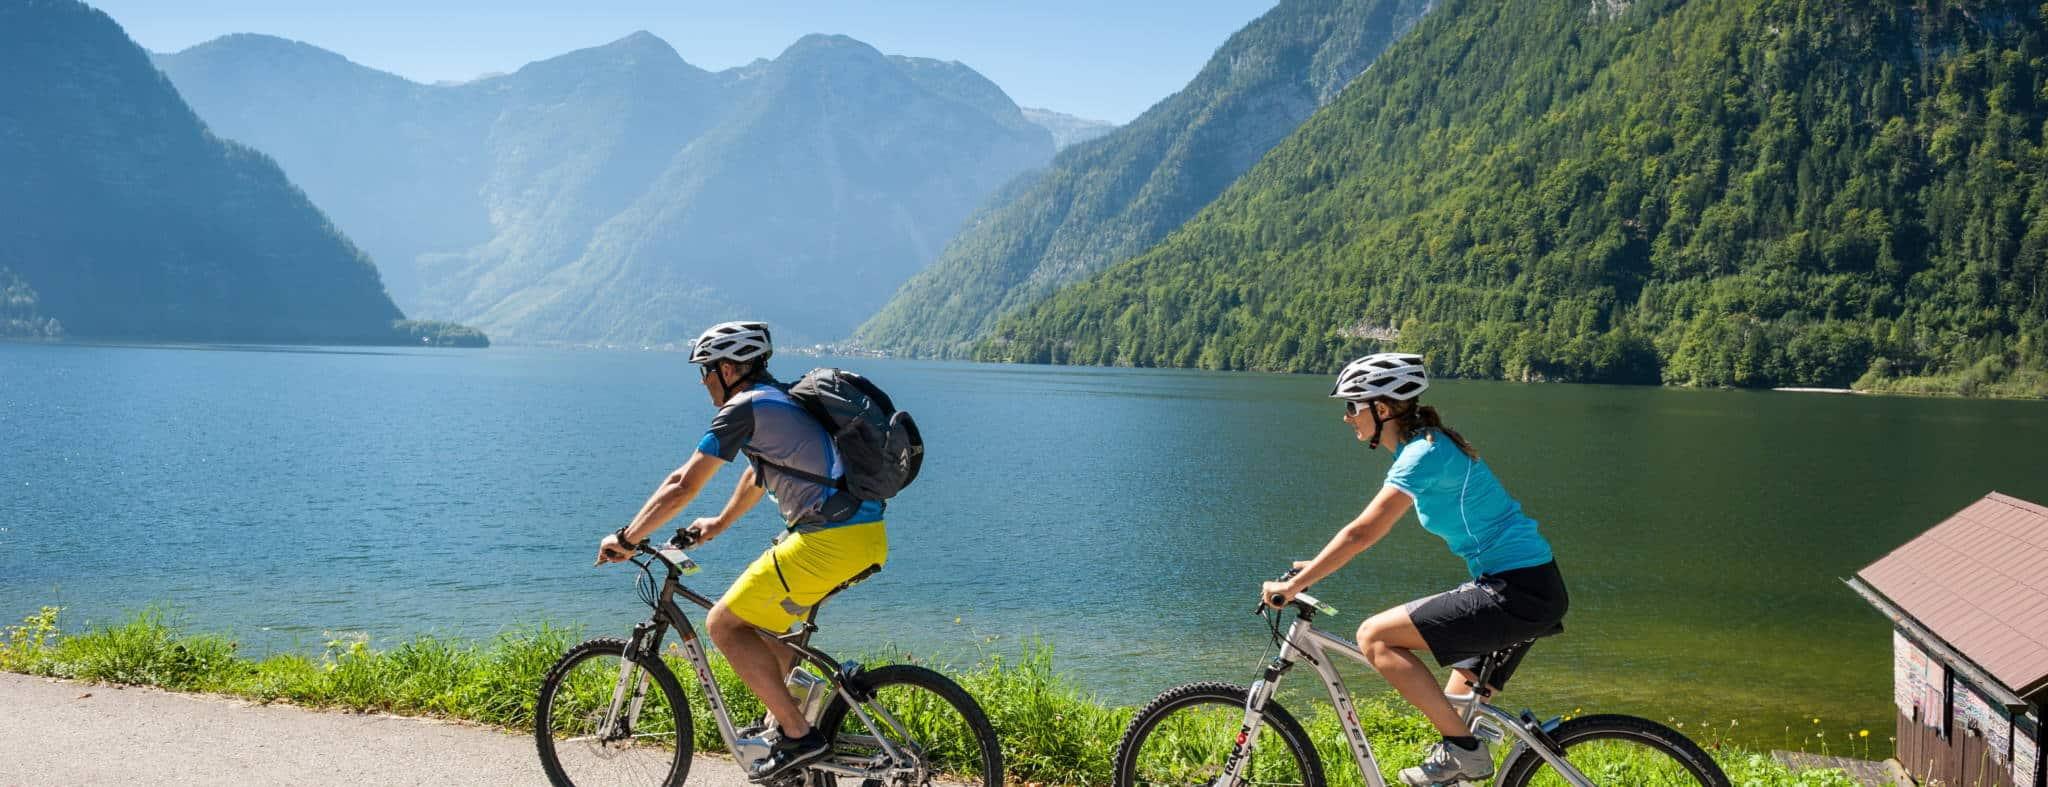 Cykling på egen hand Österrike Hallstatt